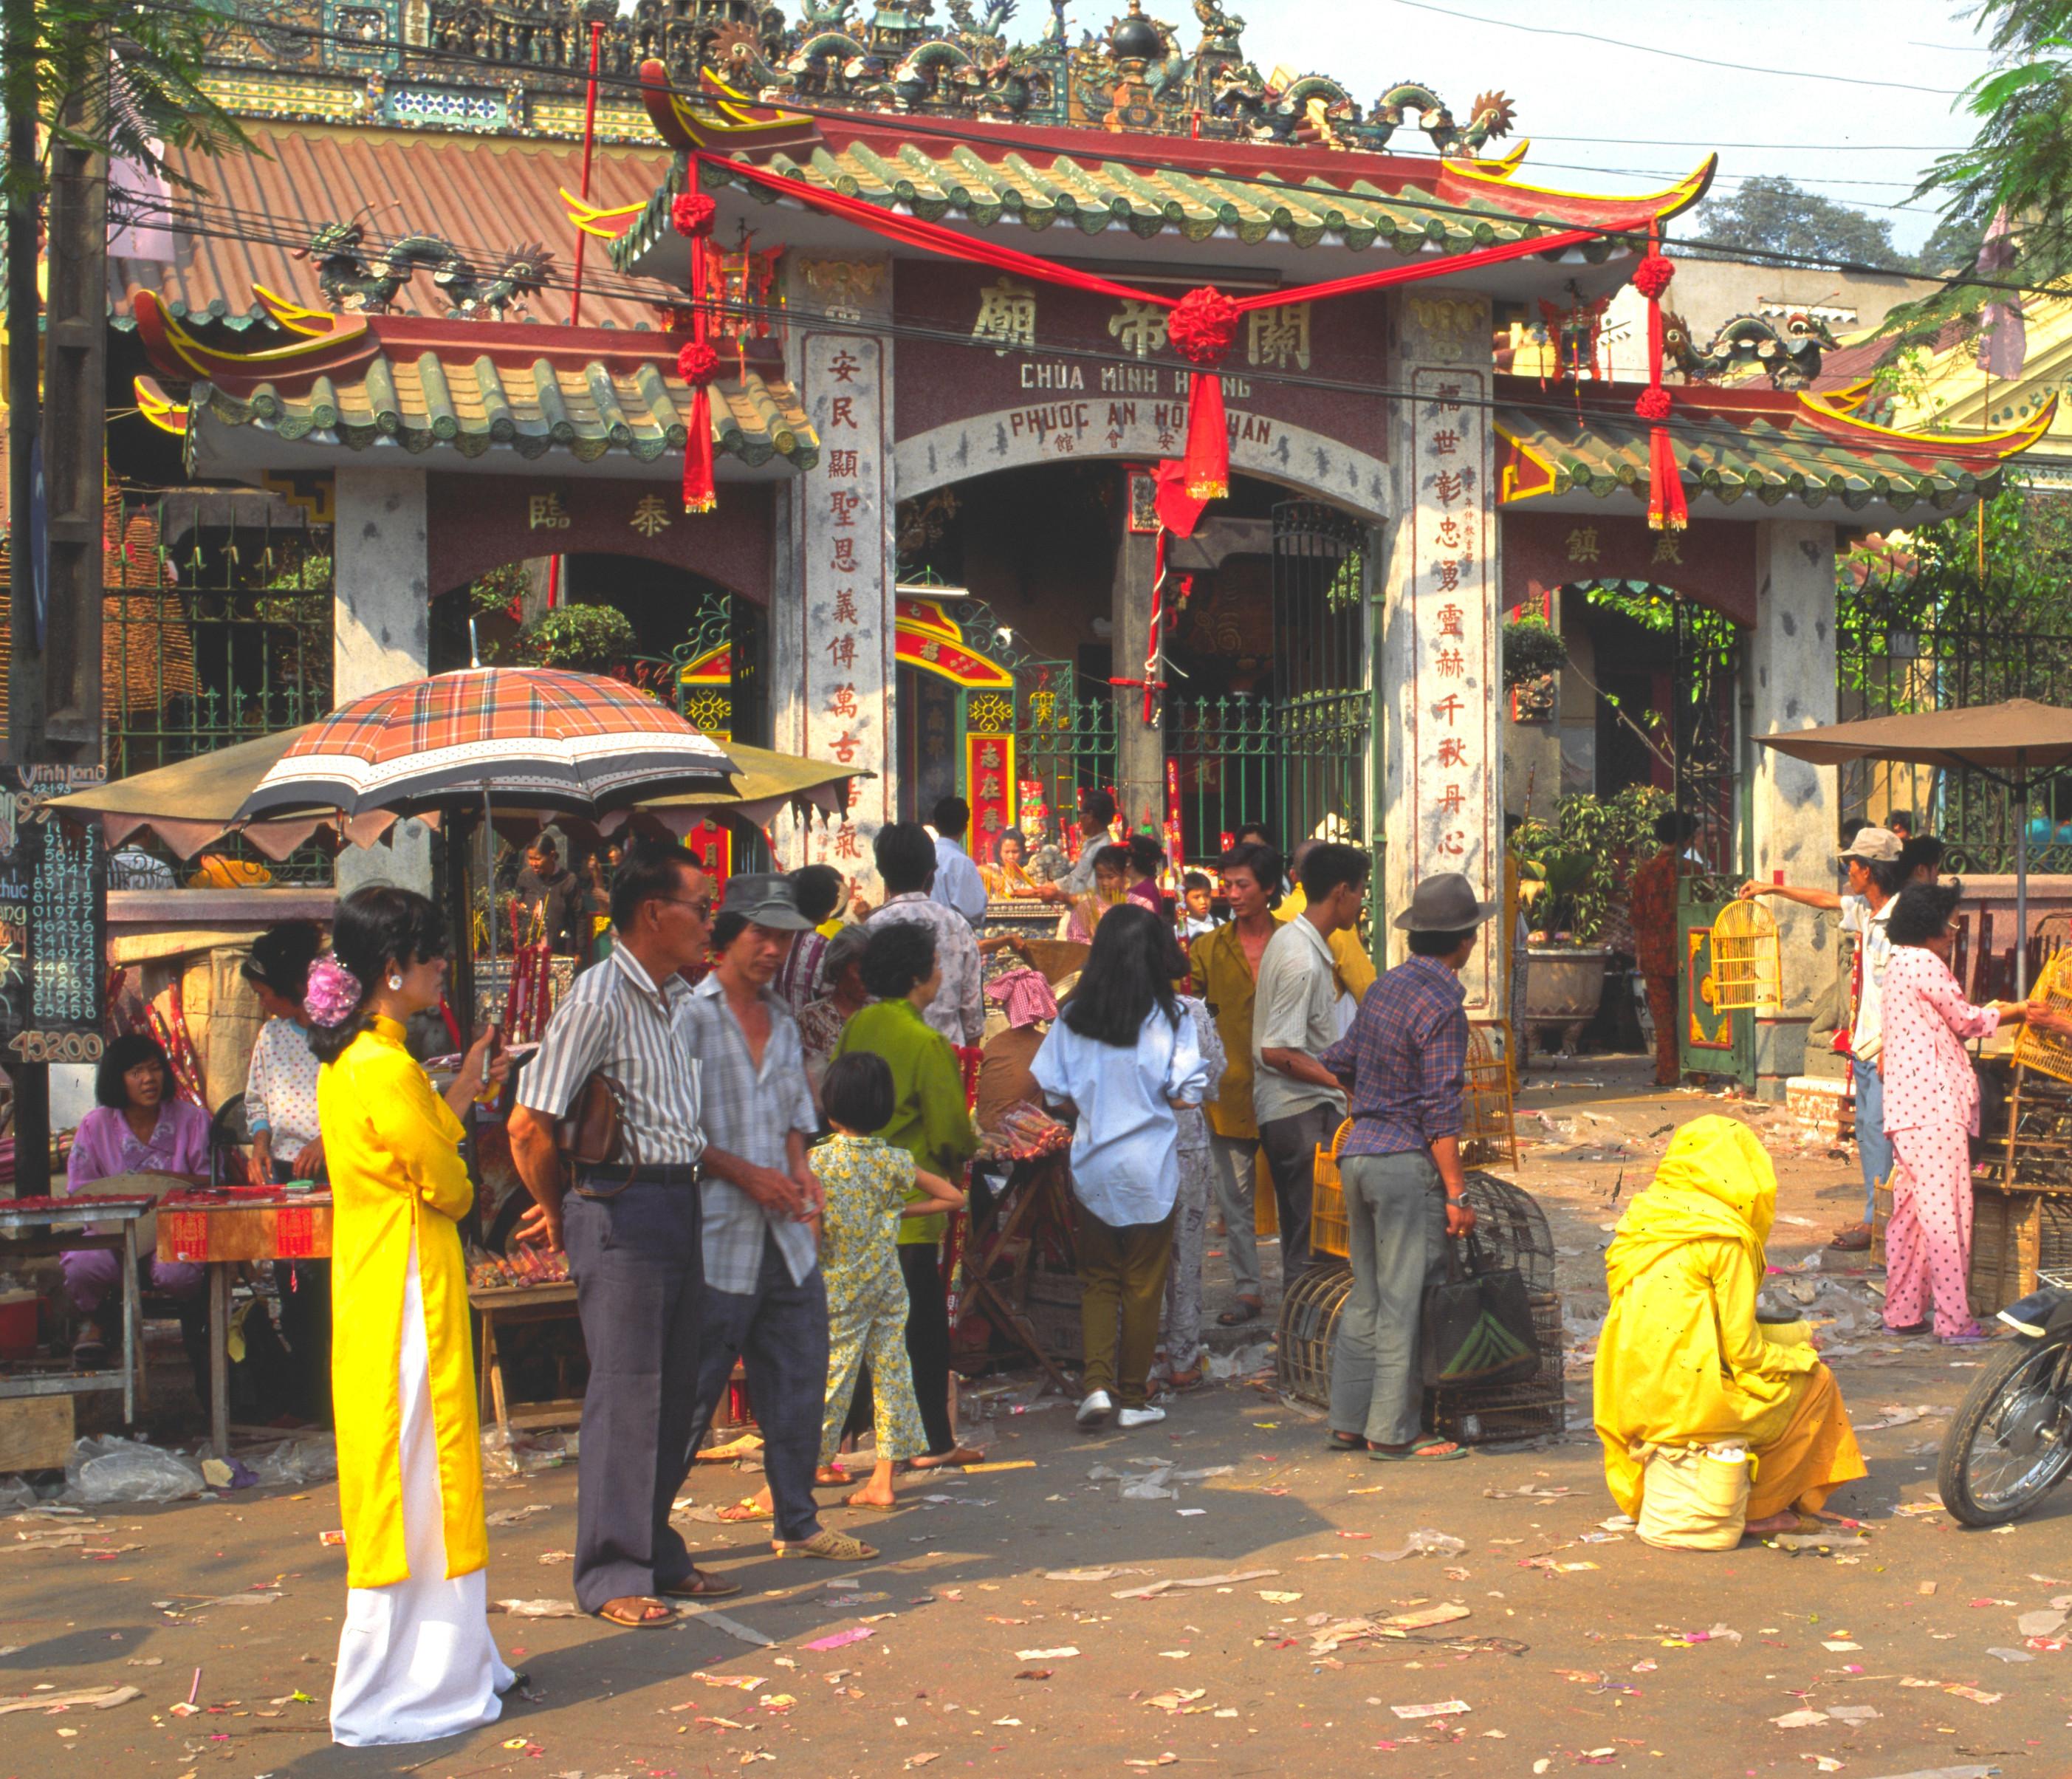 viet_sud_036 : Vietnam, Saigon au nouvel an